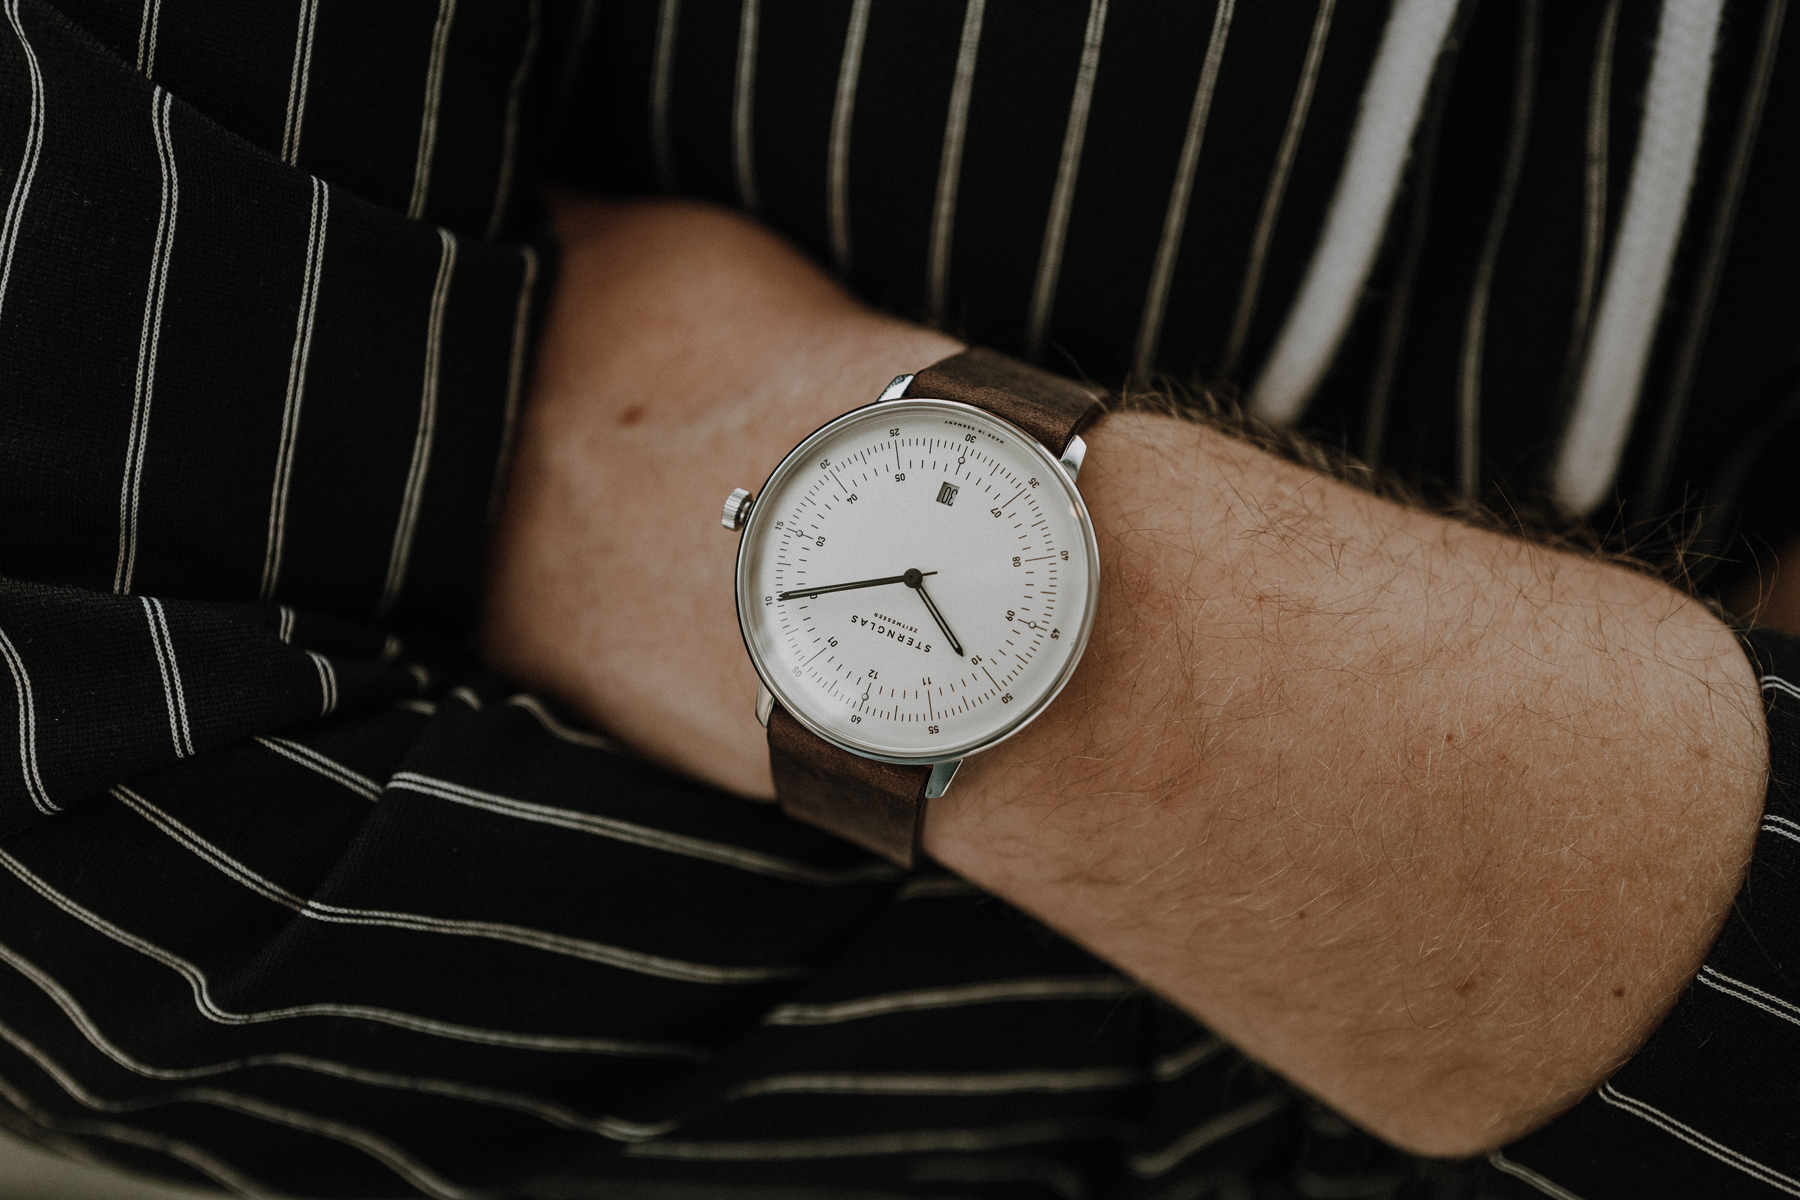 Geheimtipp Hamburg Sternglas Uhren Dahlina Sophie Kock 021